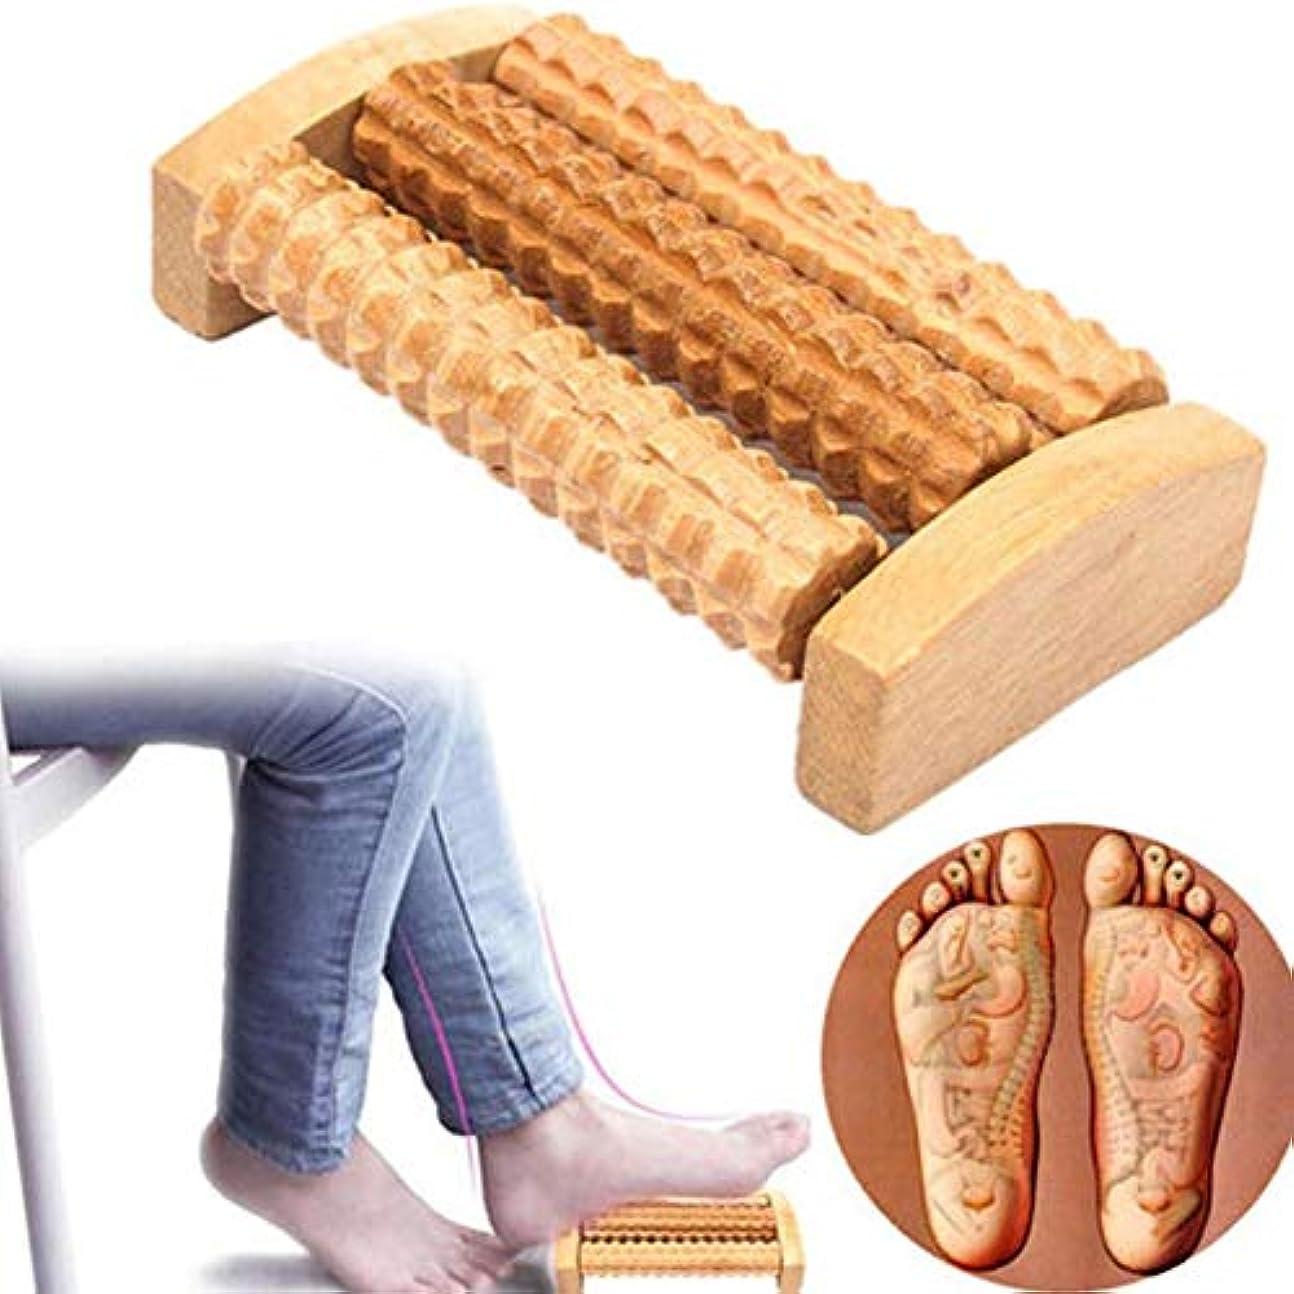 誰パトワ。木製フットマッサージャー高品質木製 5 行応力除去治療リラックスマッサージローラー健康 足ケアマッサージツール